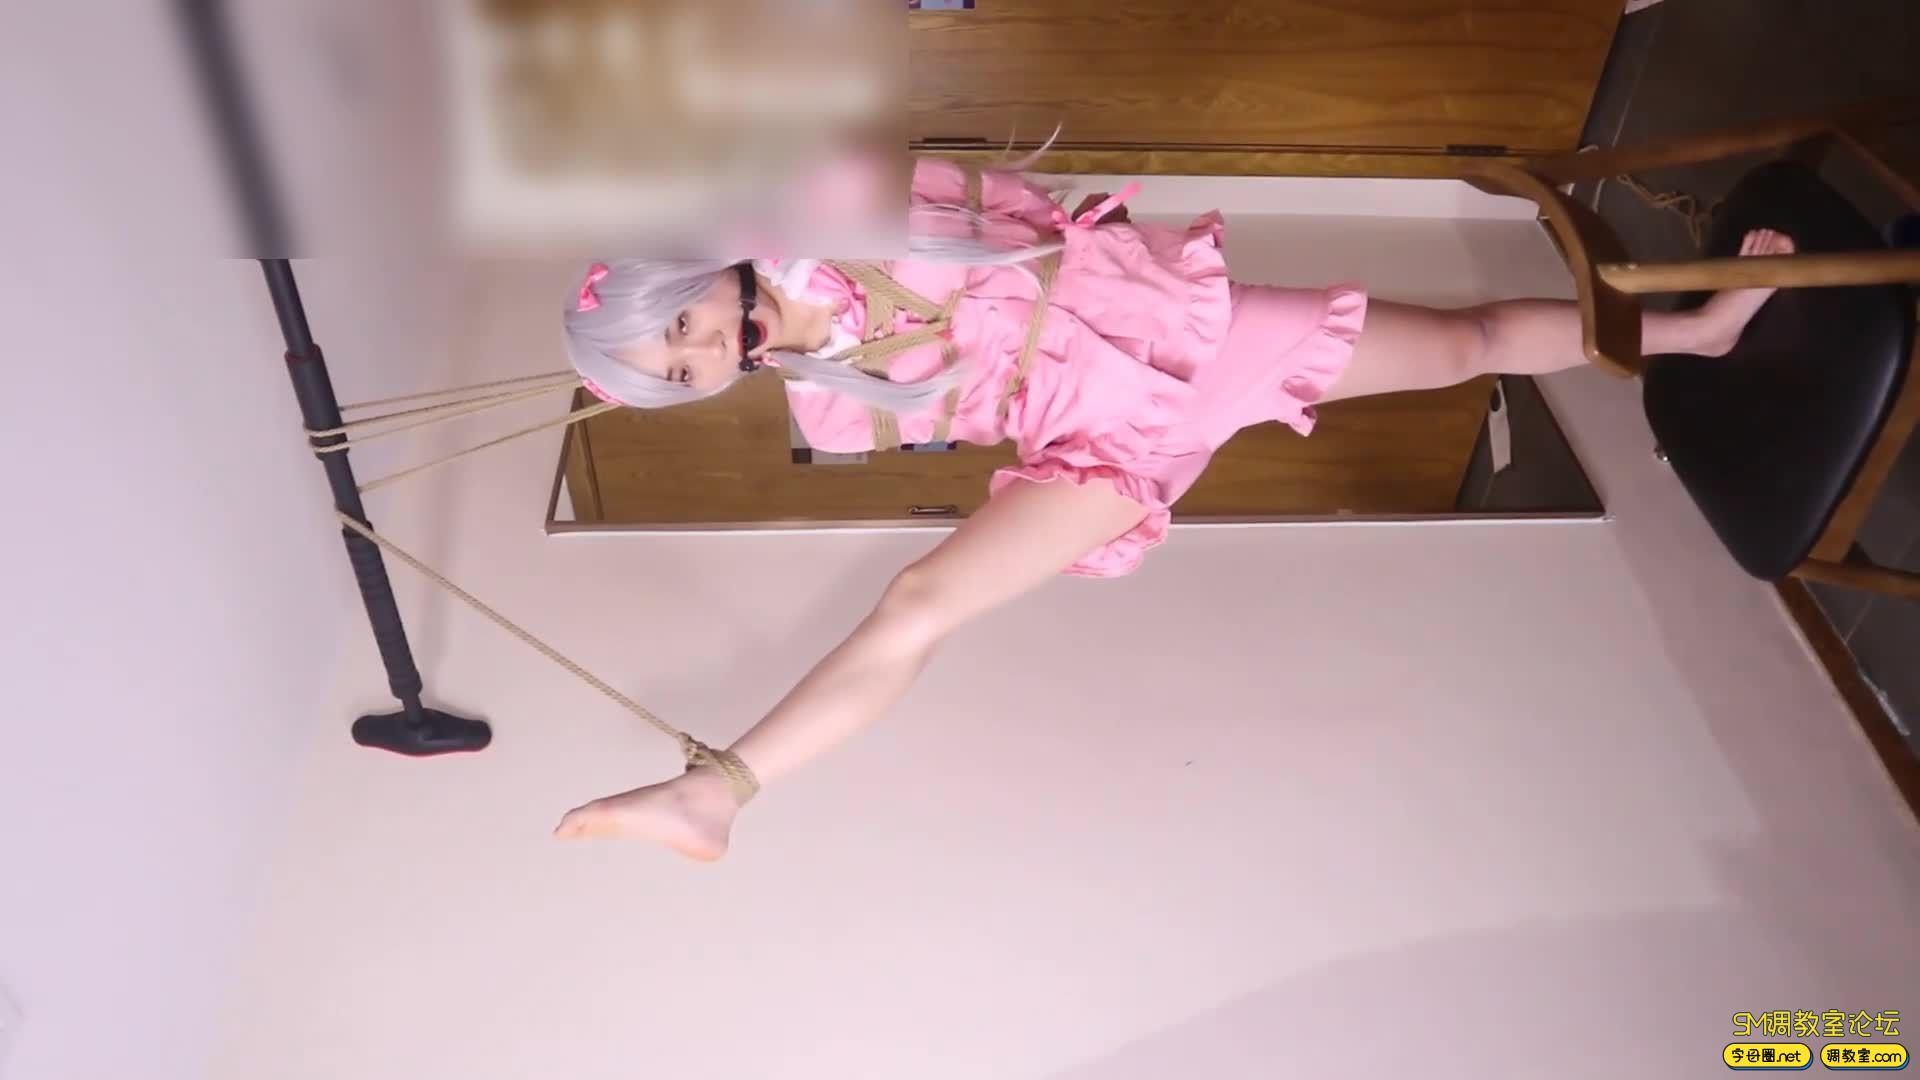 绳艺66号_萝莉妹子安酱的和泉纱雾COS吊缚滴蜡虐足-视频截图3